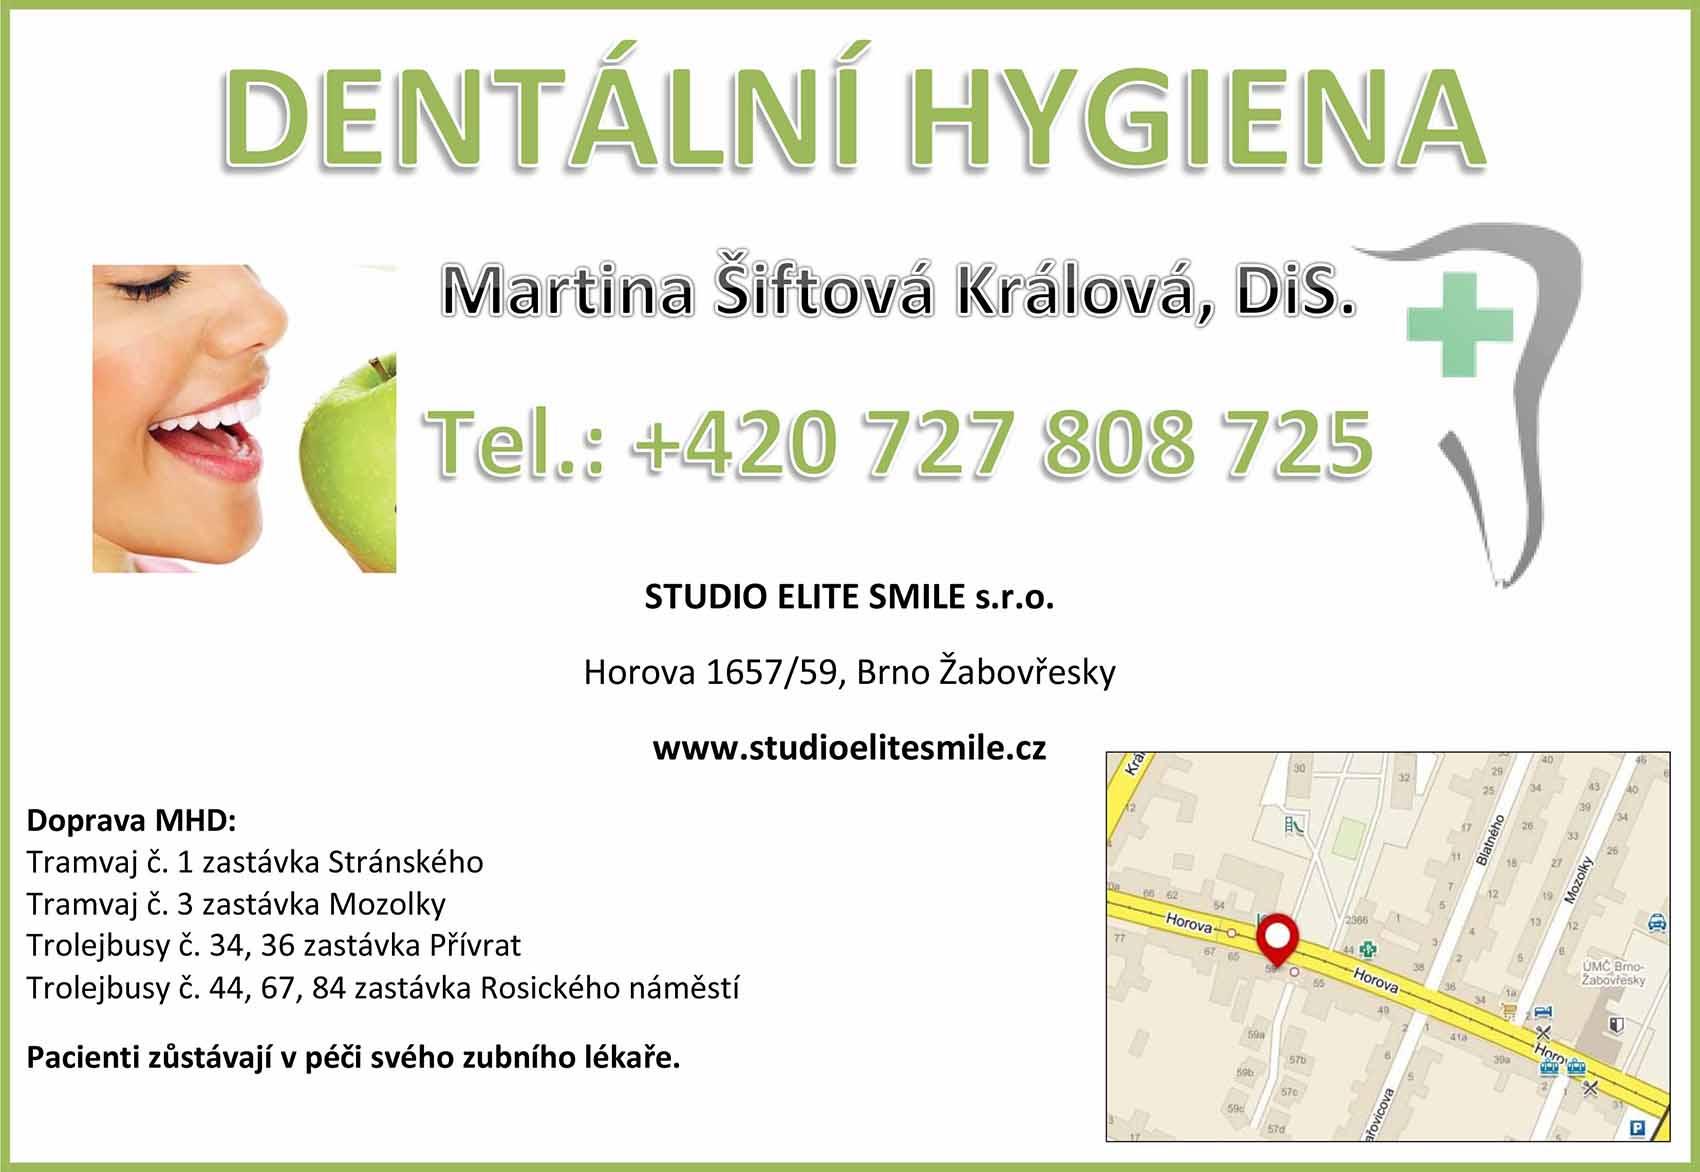 Dentální hygiena-žádanka Martina Šiftová-new